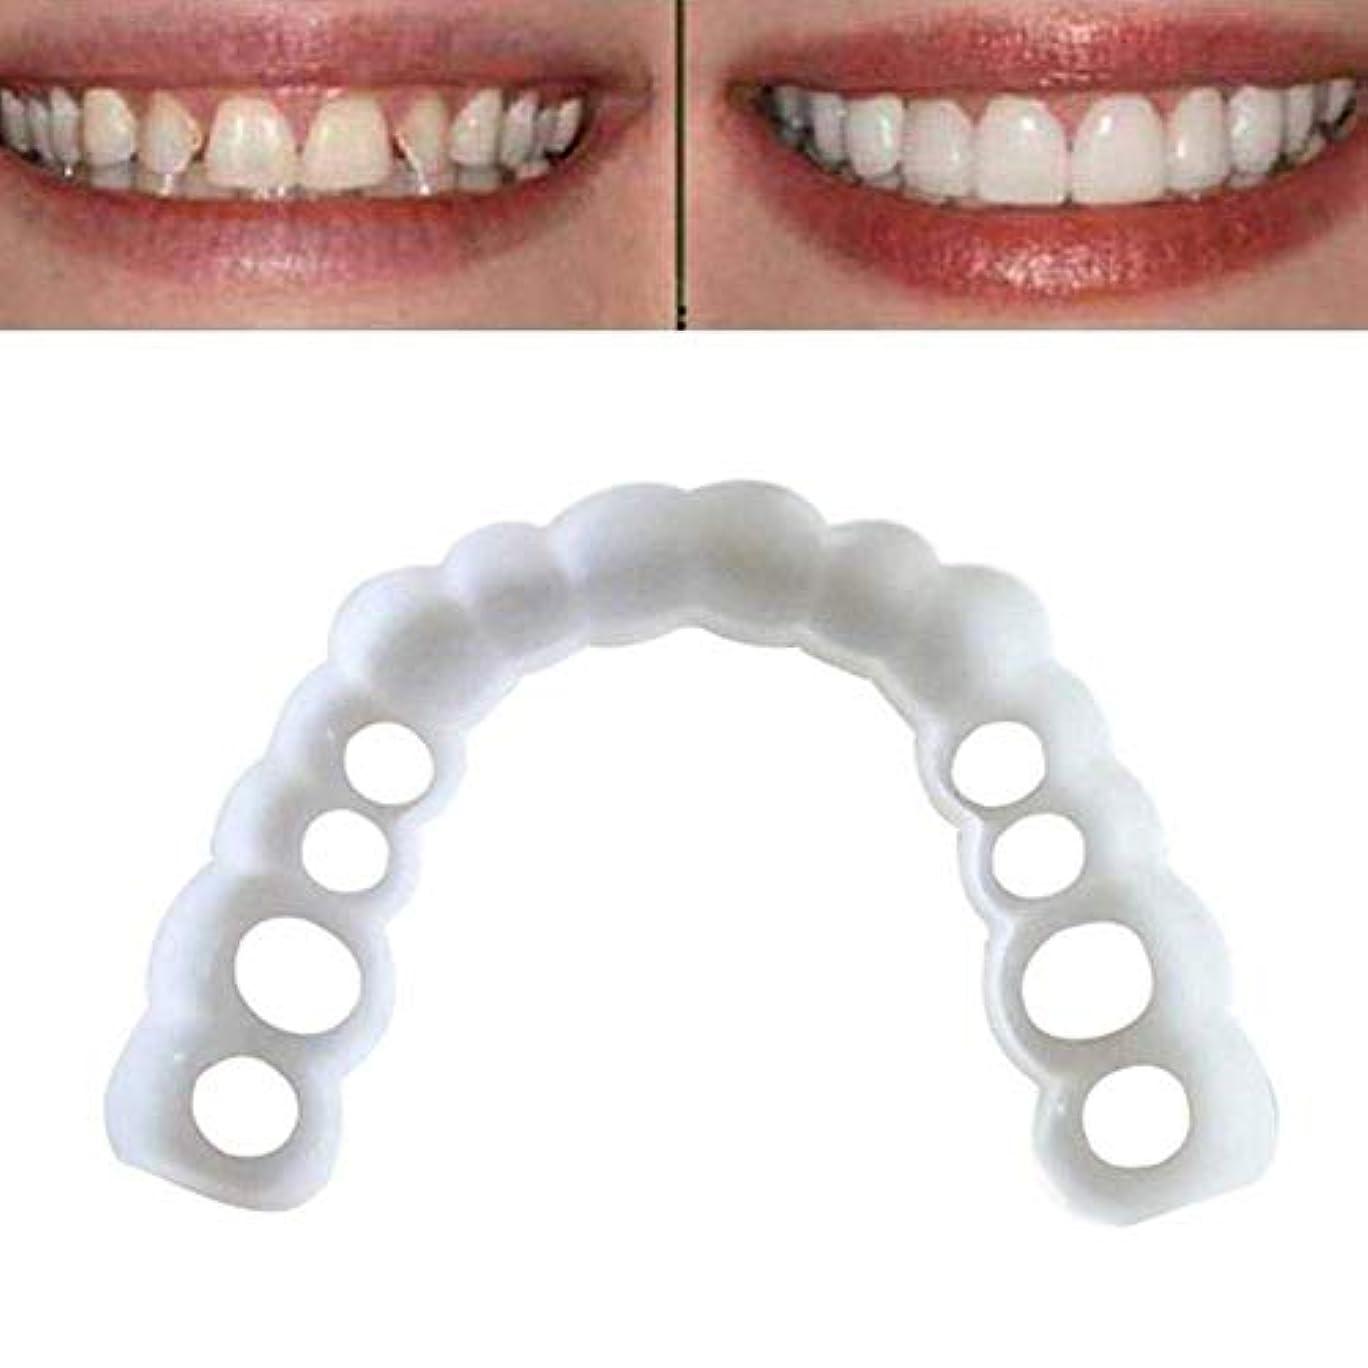 騒乱勝つ混乱化粧品偽歯の3ペアは、快適な欠落タフ歯のベニアカバー不規則、染色し、ひび割れた歯を取り付け